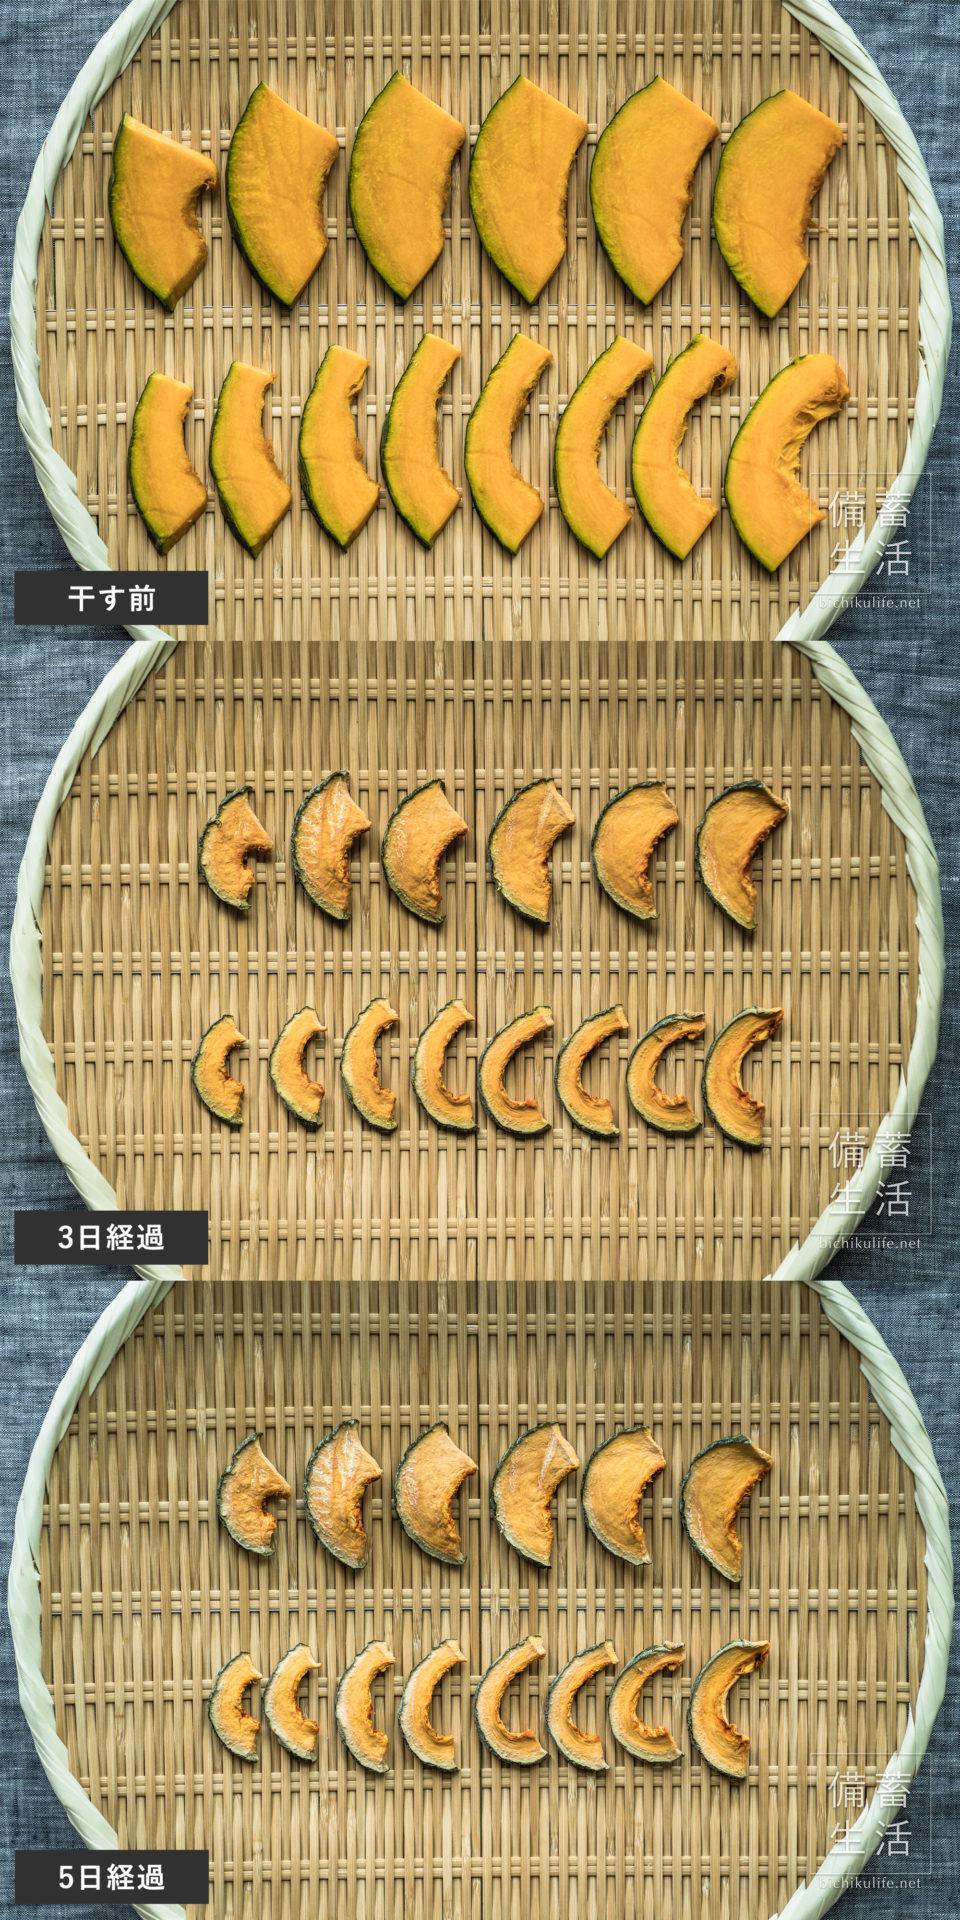 かぼちゃ 干し野菜づくり 干し南瓜の作り方